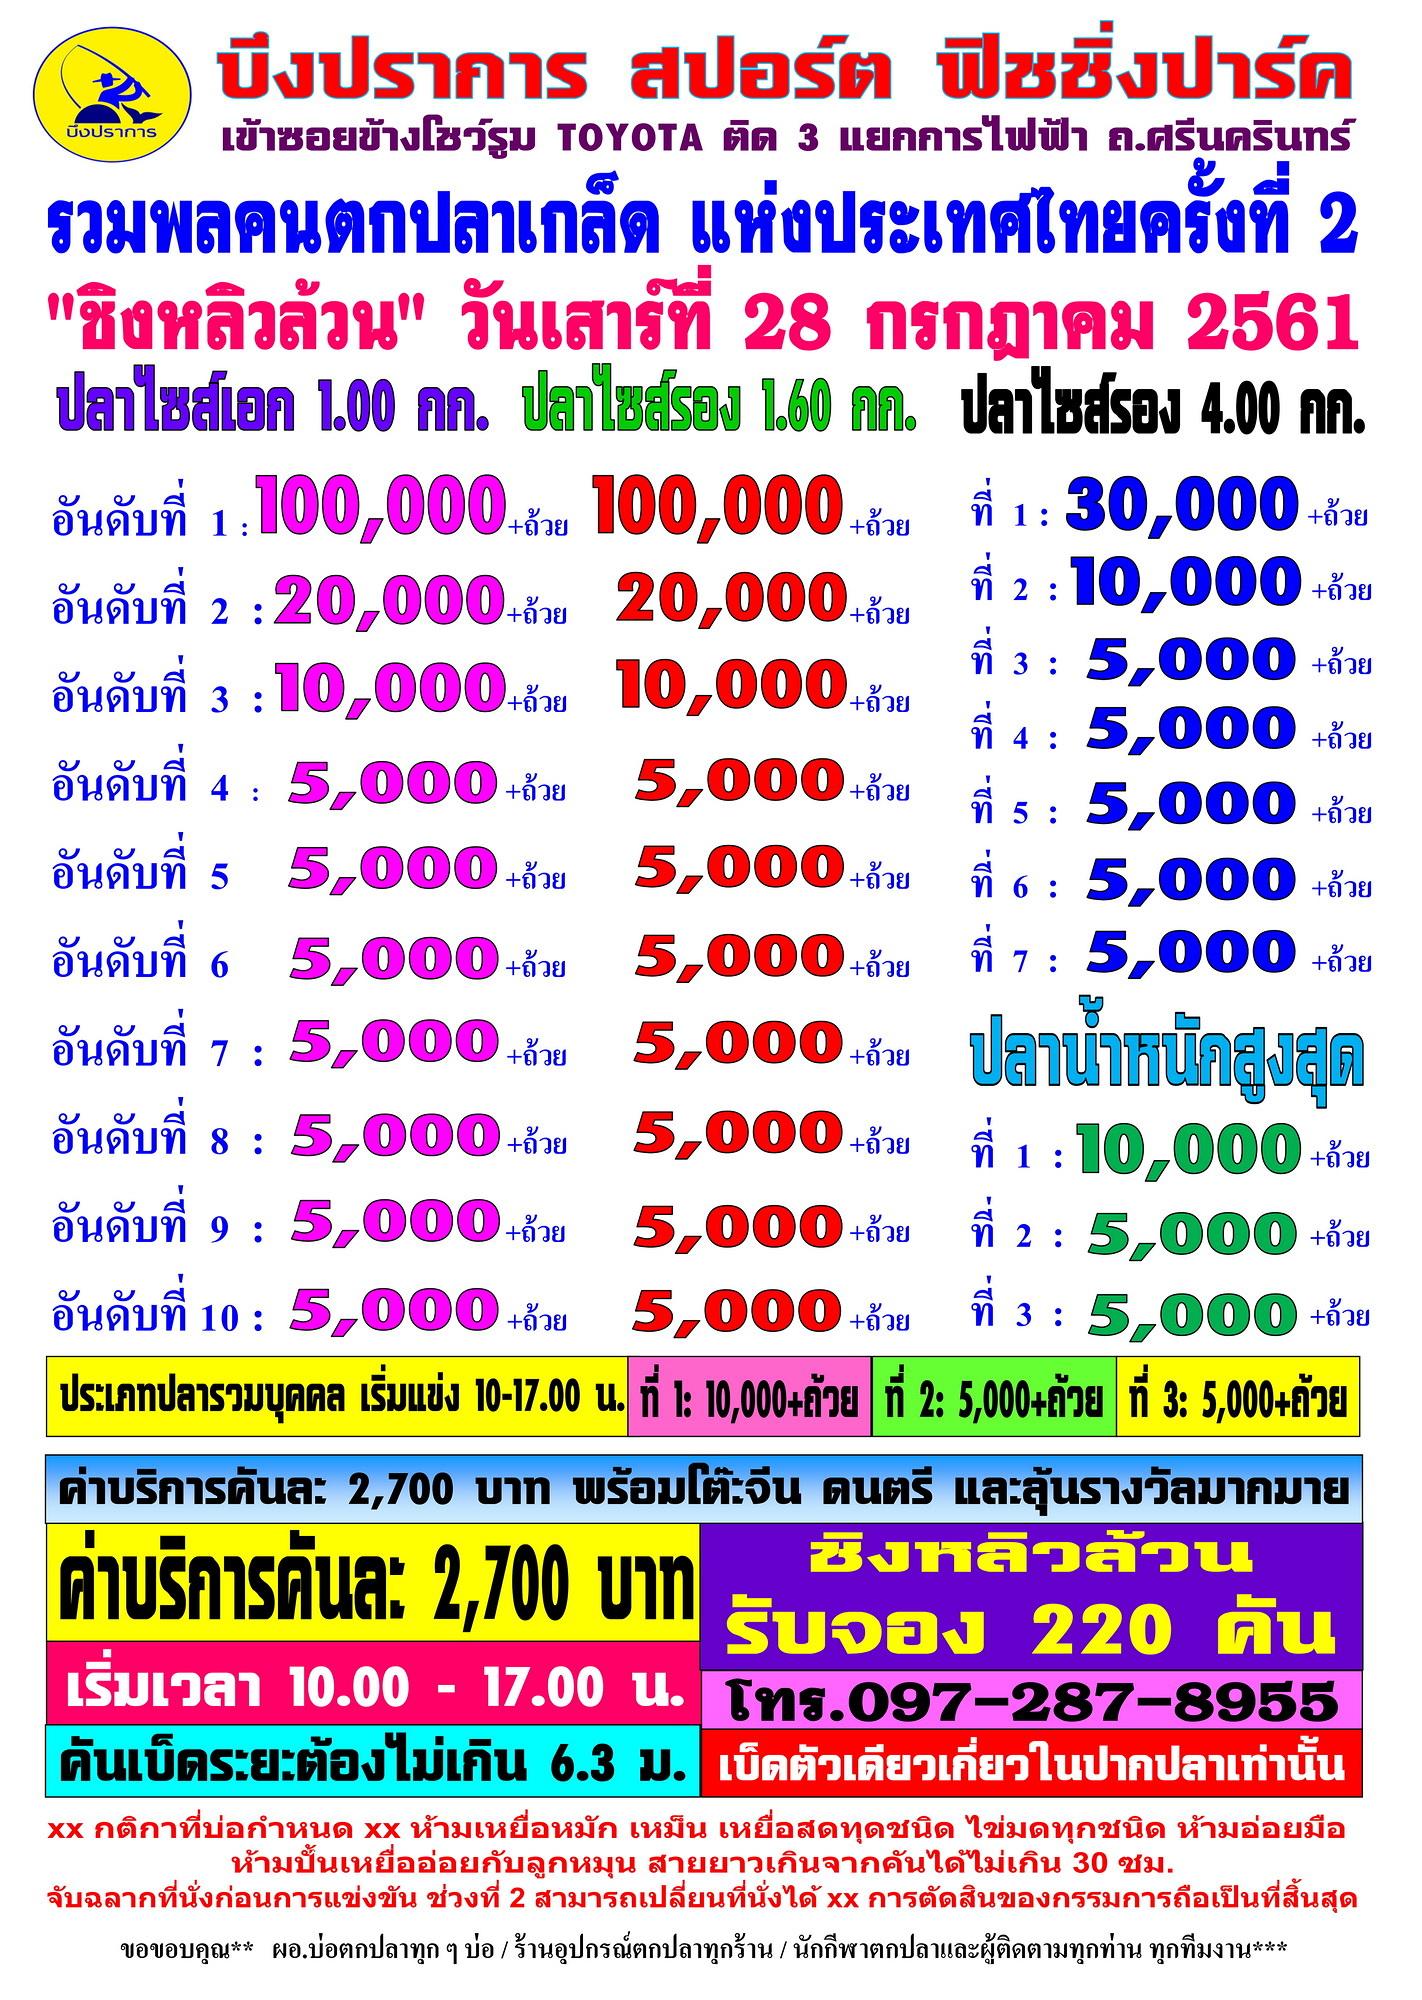 แข่งชิงหลิวล้วน หัว 100,000 รวม 4 หัว 250,000 หาง 5,000 ค่าคัน 2,700